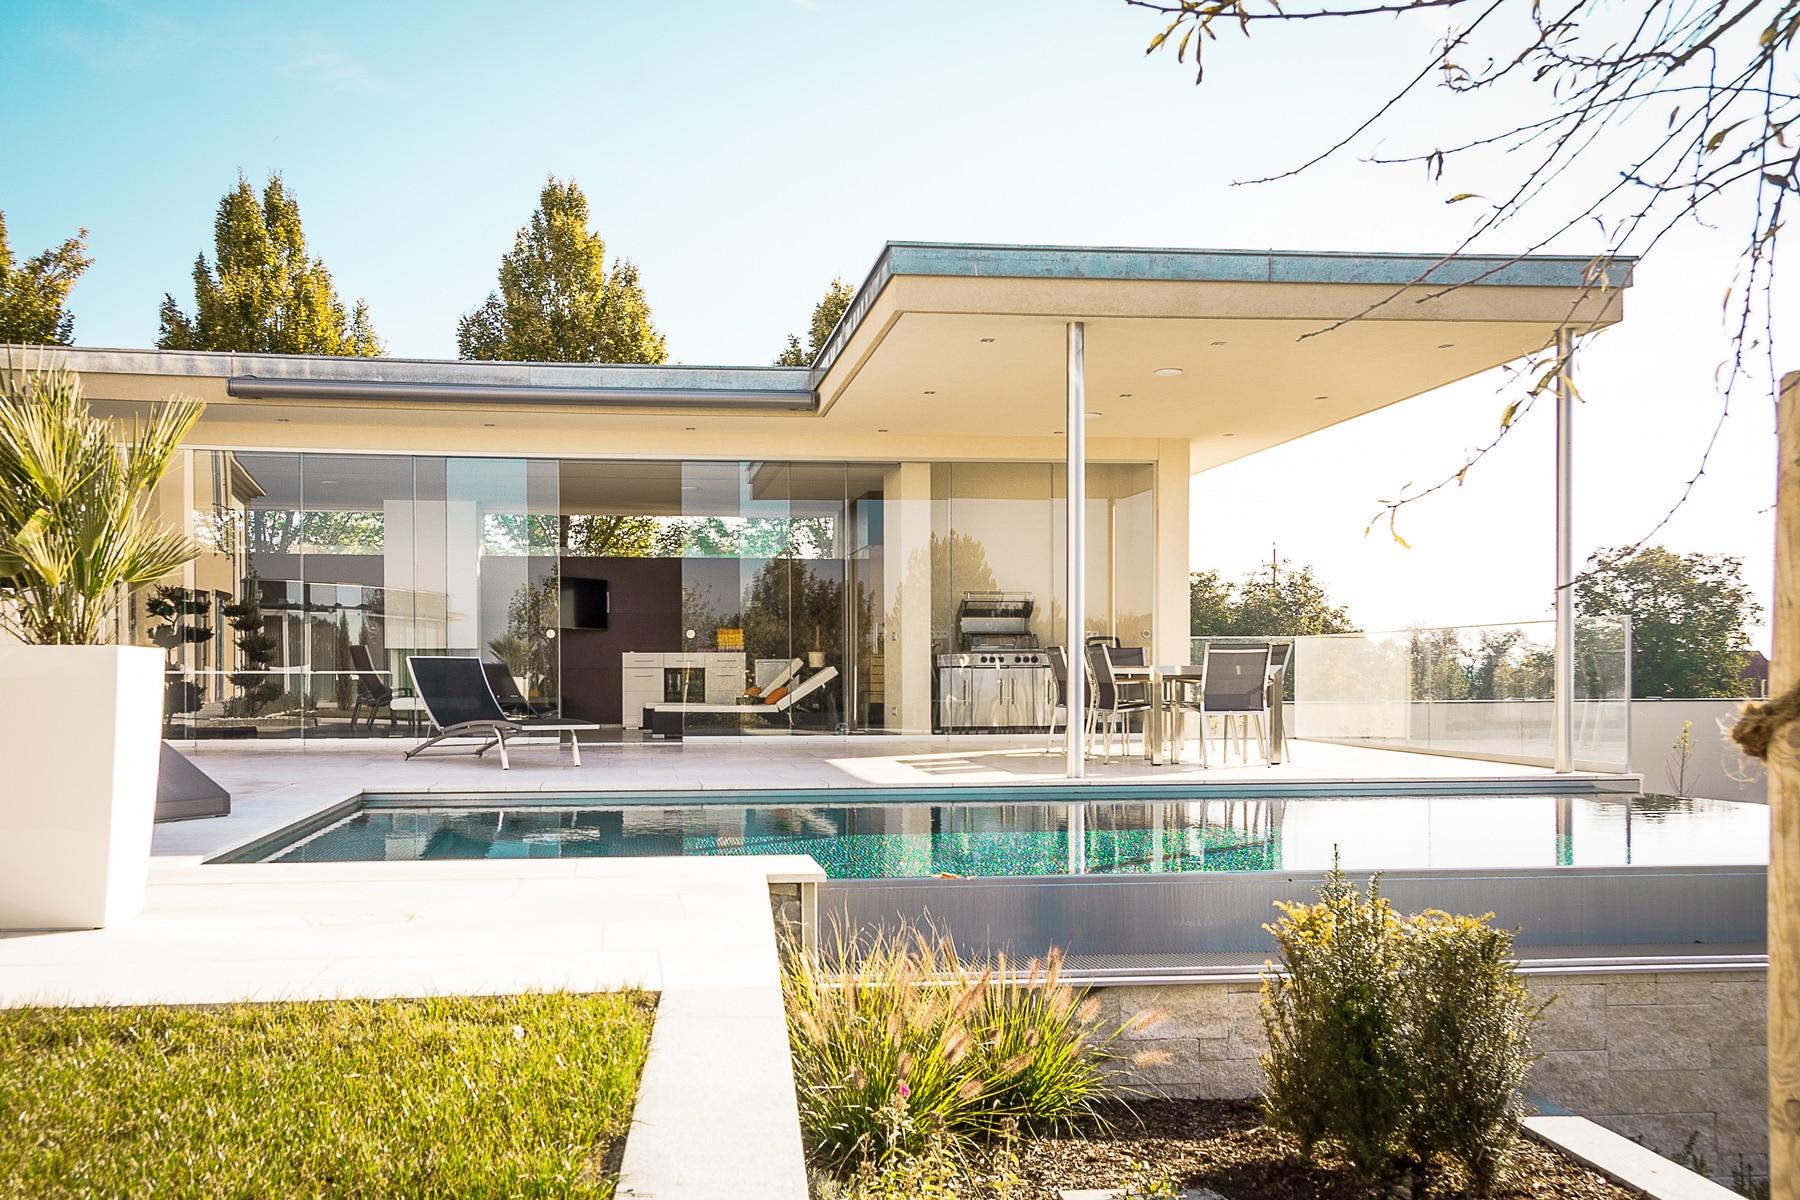 Glasschiebewand für Terrasse als Windschutz